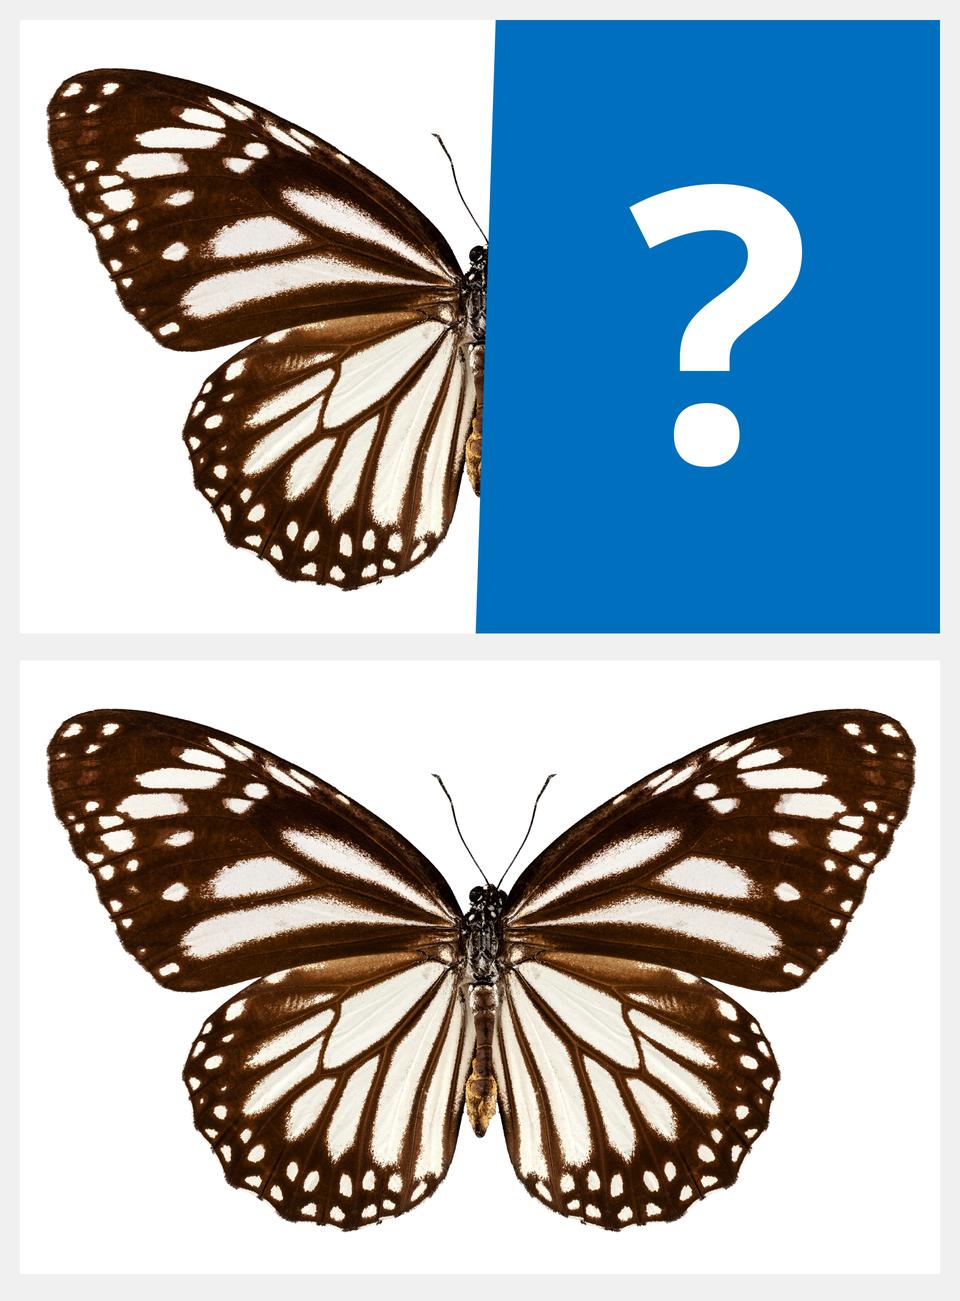 Ilustracja interaktywna jest podzielona na dwie części. Przedstawia połowę motyla wykonanego wsepii. Drugą część zajmuje niebieski prostokąt ze znakiem zapytania. Po odwróceniu ilustracji zostaje zaprezentowana praca, ukazująca tego motyla wcałości. Owad jest symetryczny.